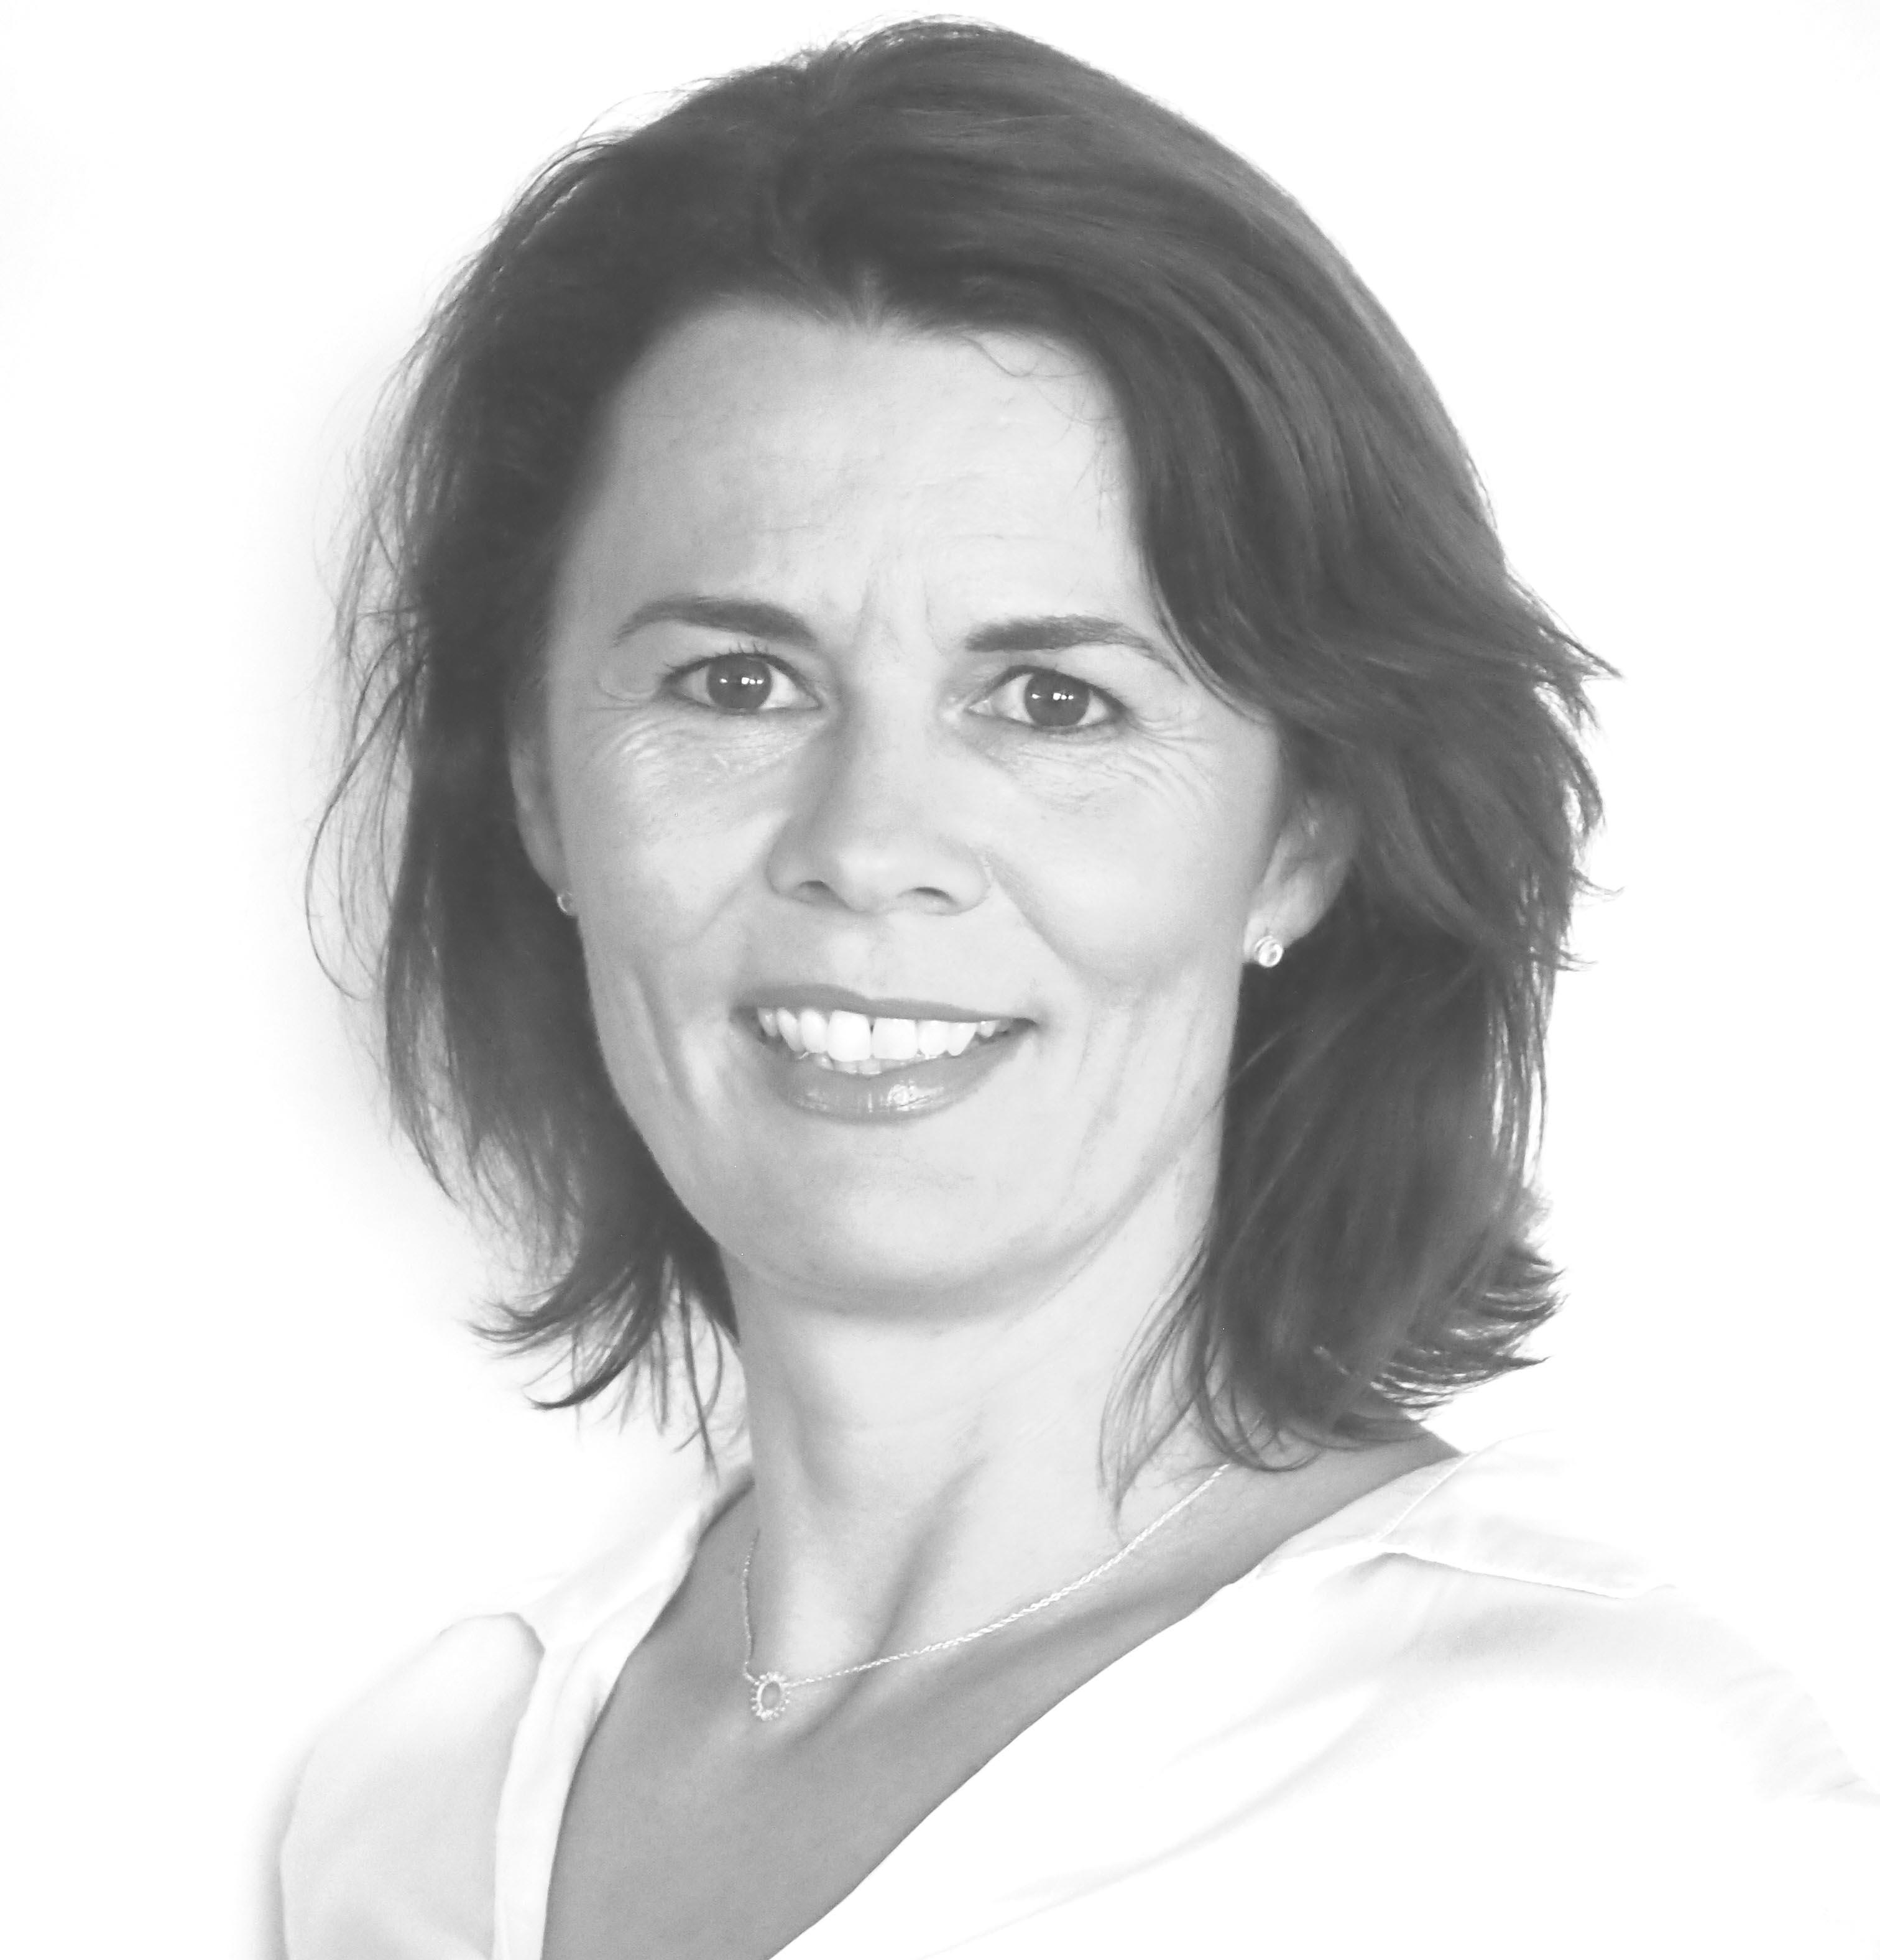 Prisca Bühl